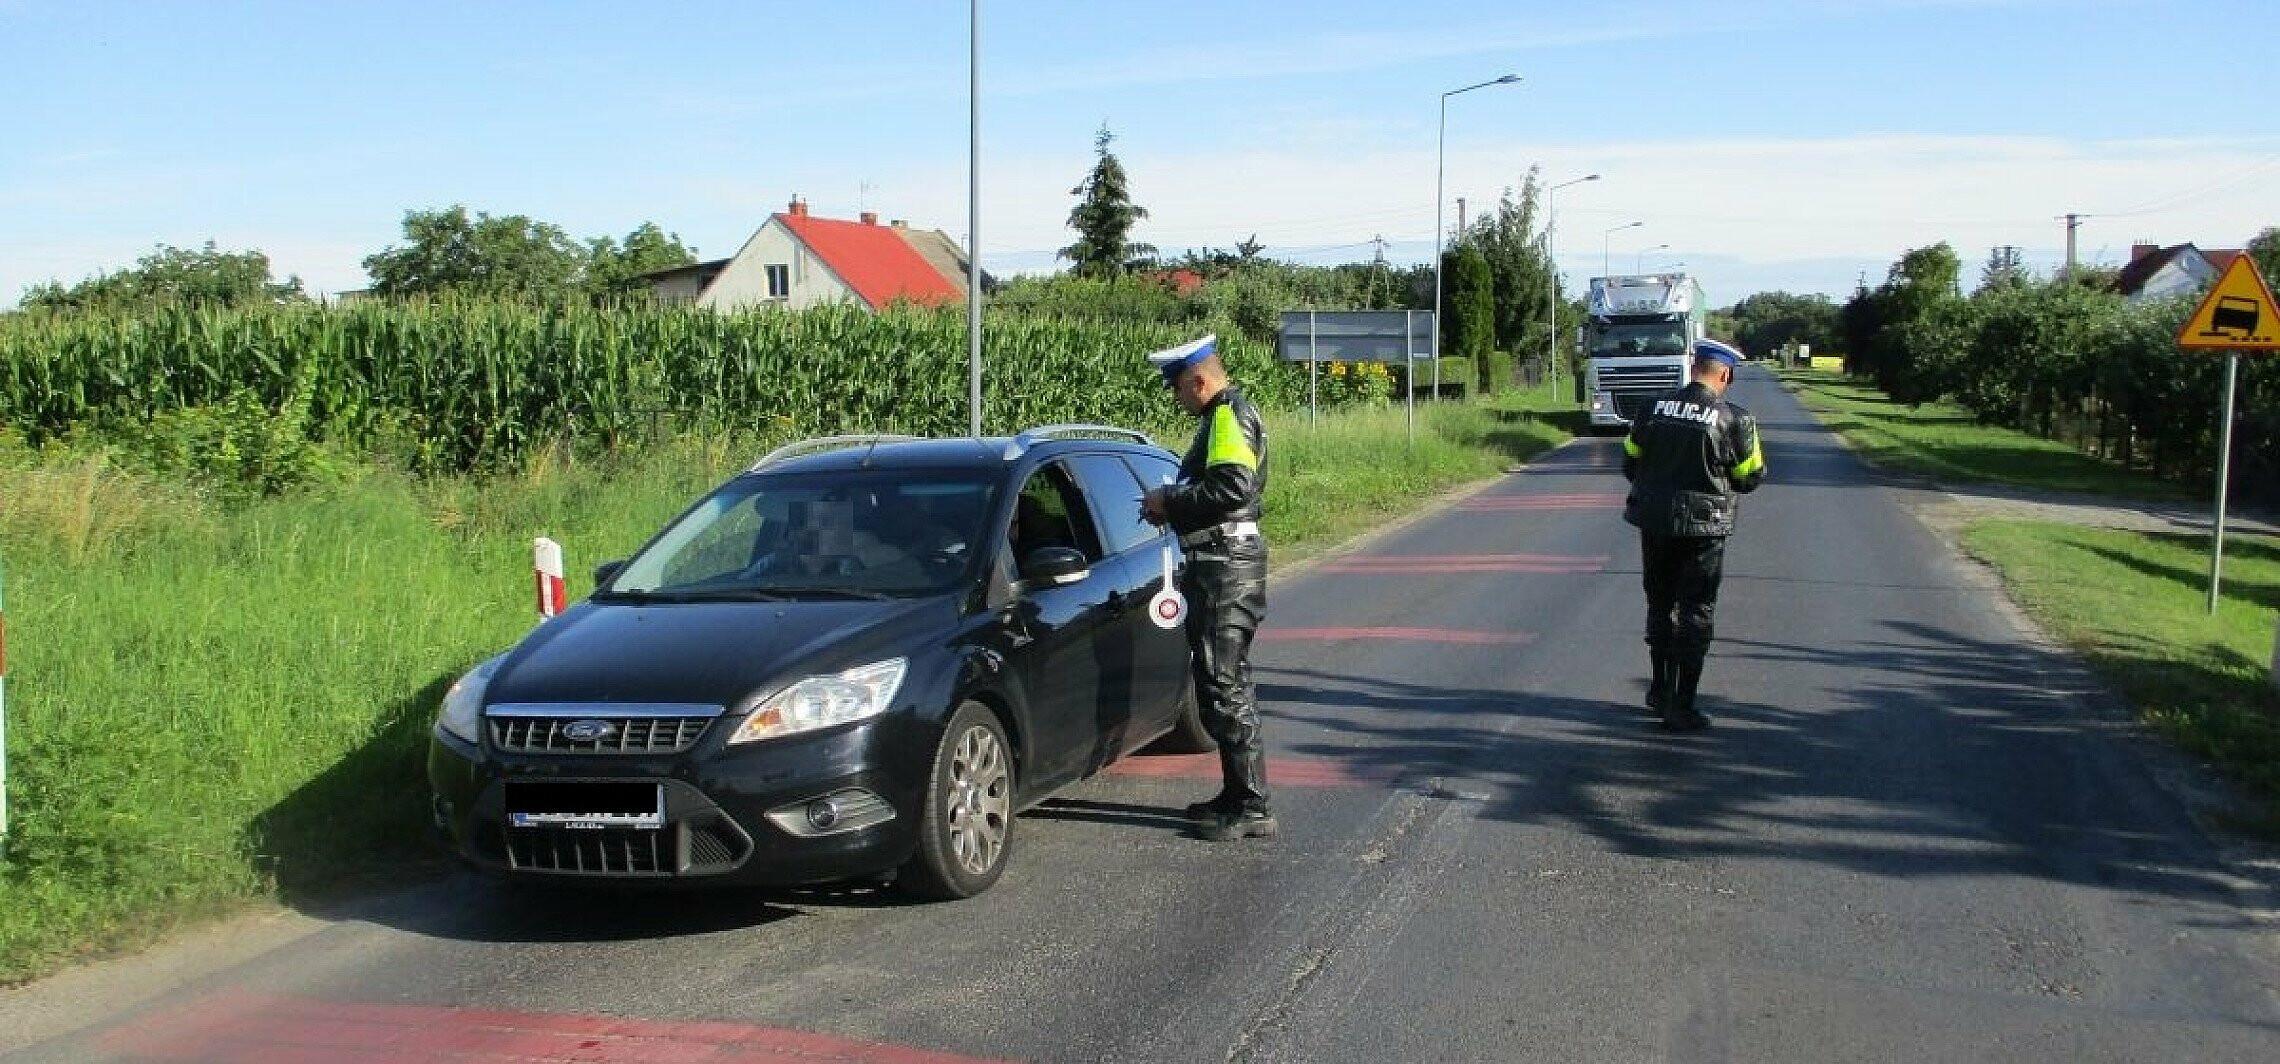 Janikowo - Policja na przejeździe kolejowym